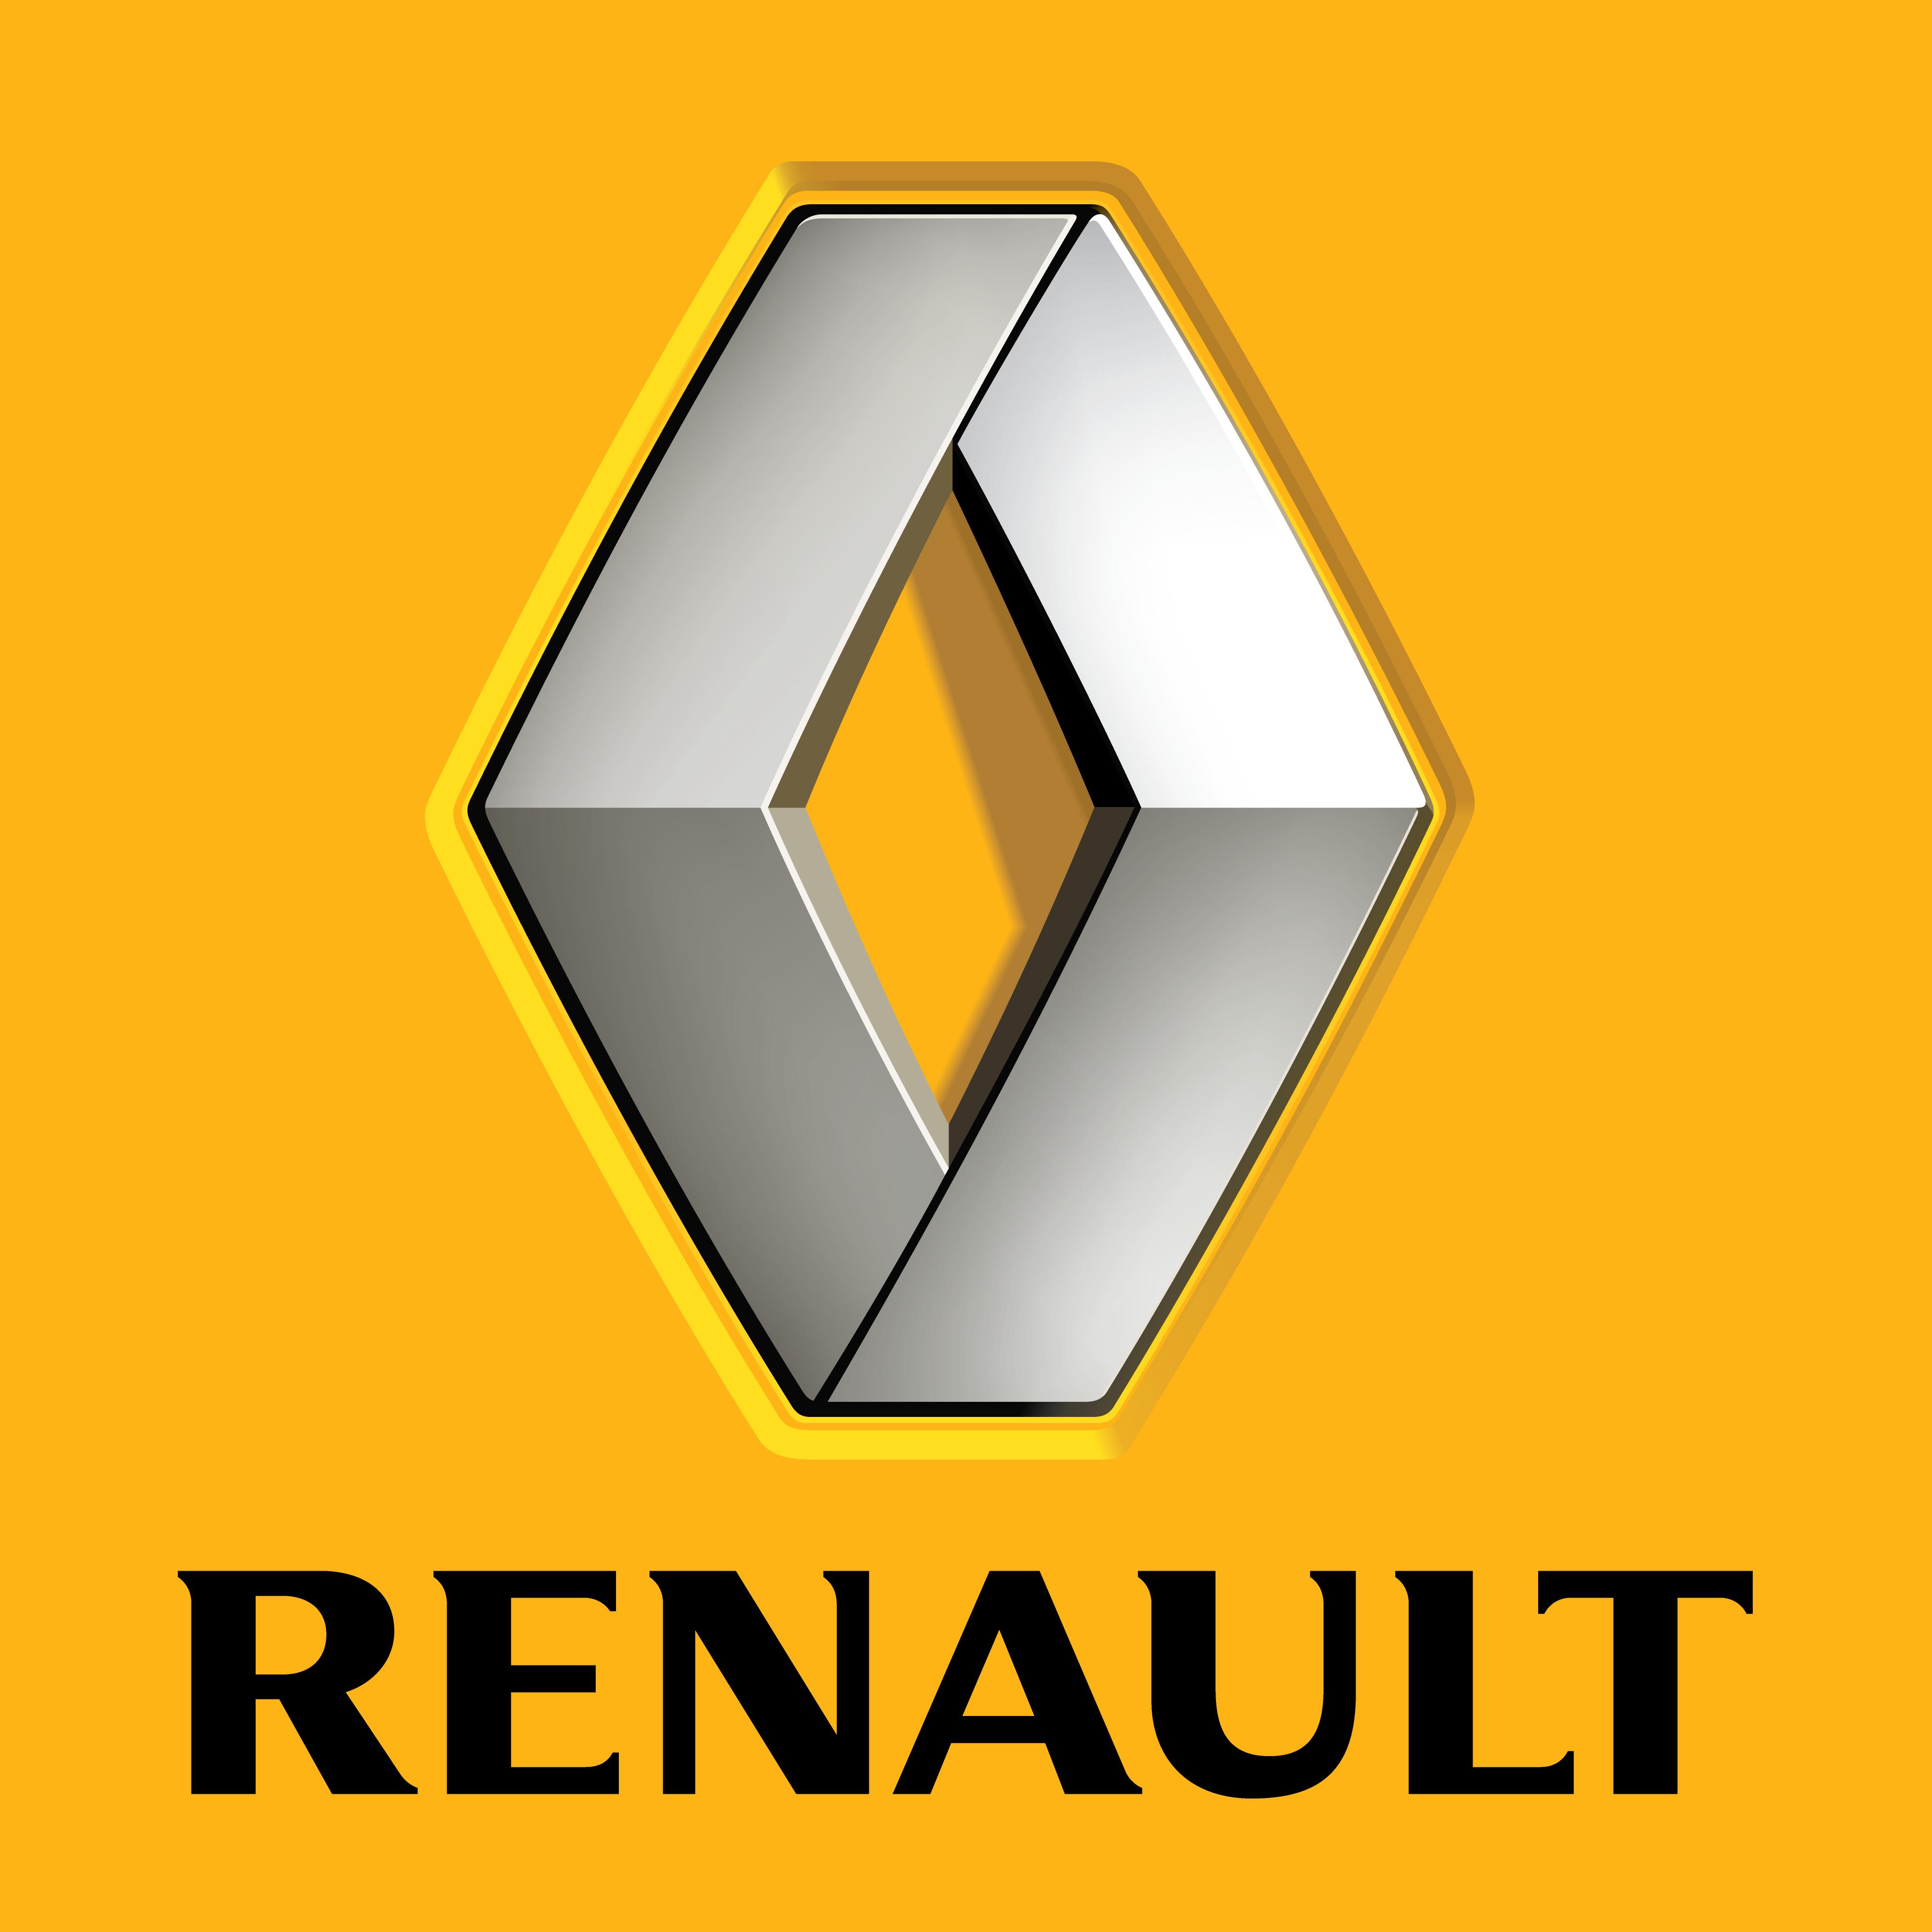 renault logo 1 - Renault Logo